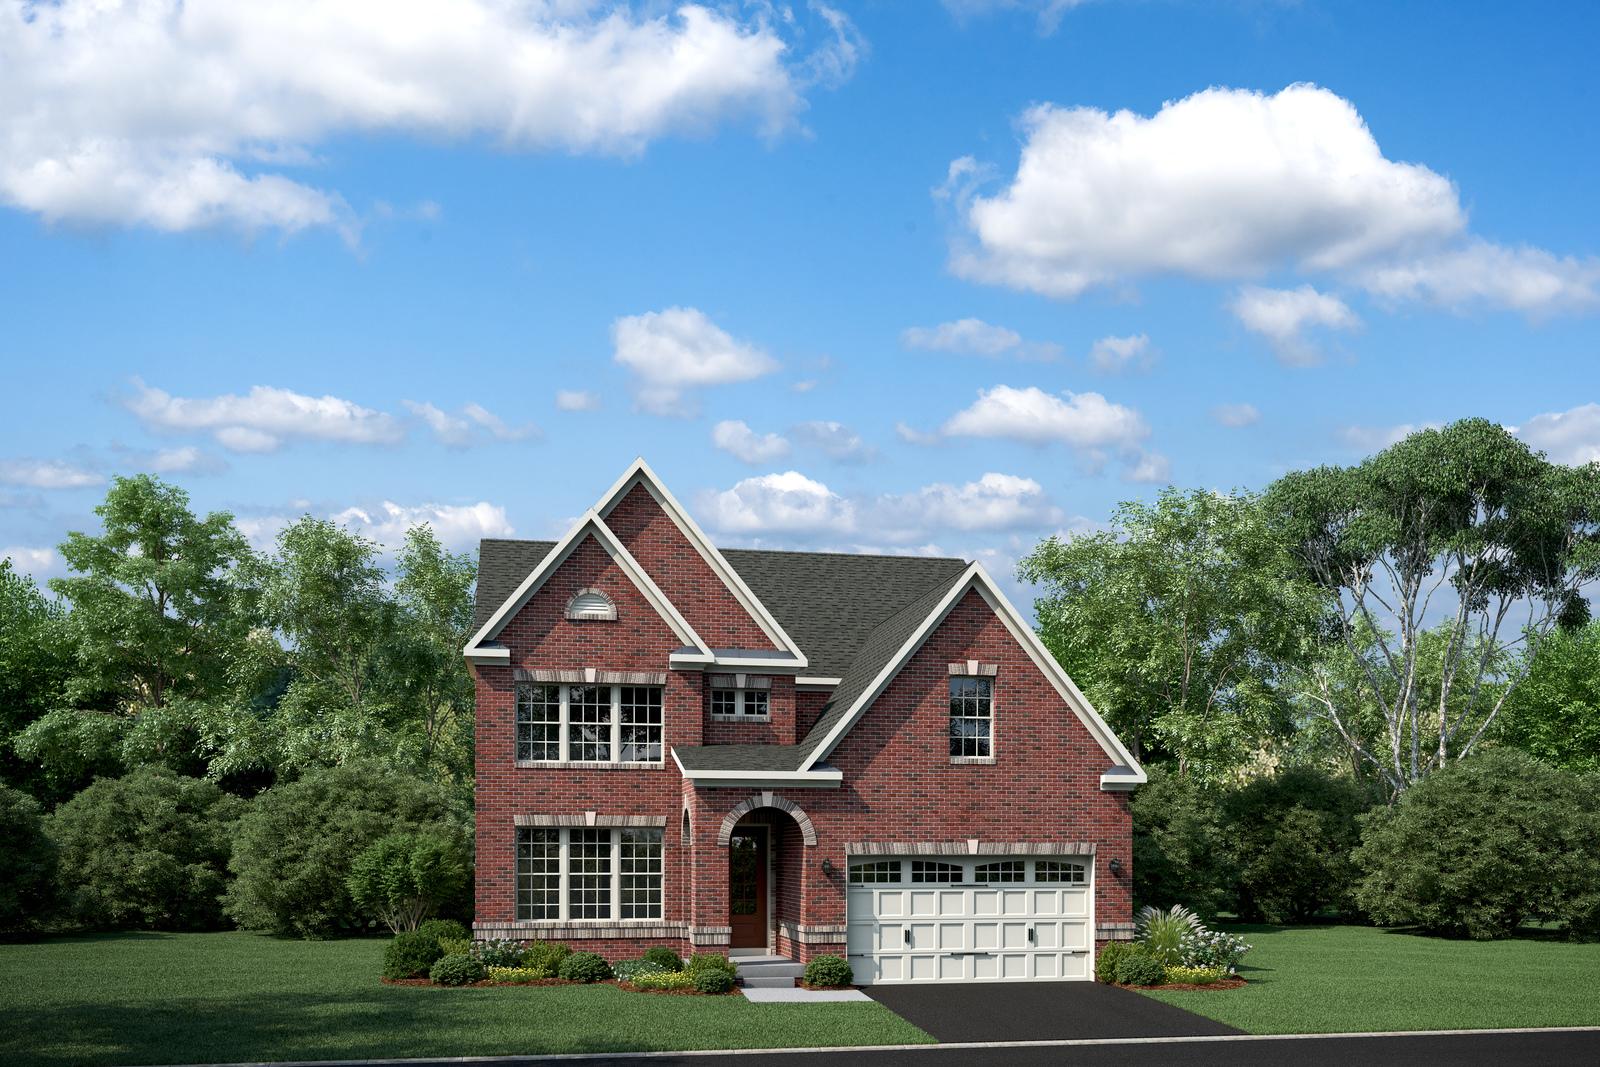 New Danville Home Model At Cabin Branch Clarksburg In Md